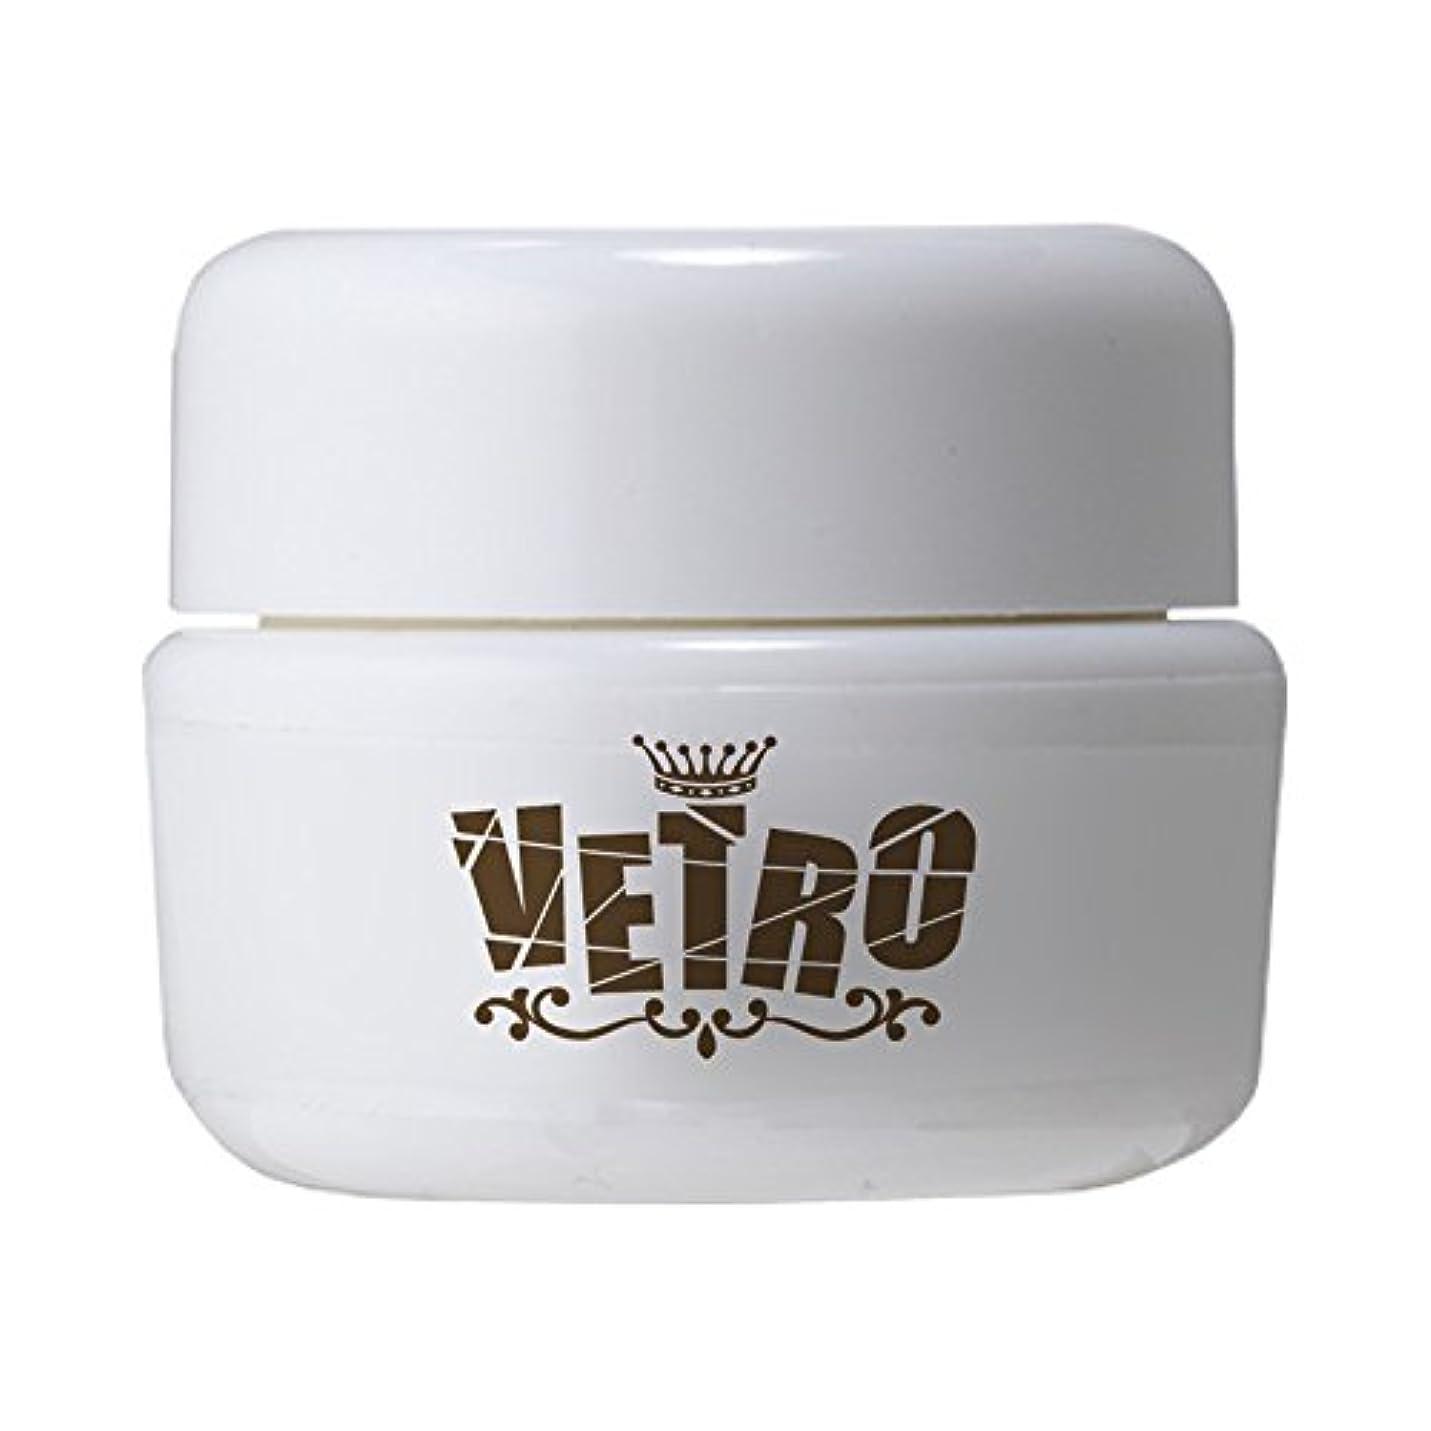 カタログ寝てる賛美歌VETRO No.19 カラージェル パール VL008 ロイヤルミルクティー 4ml